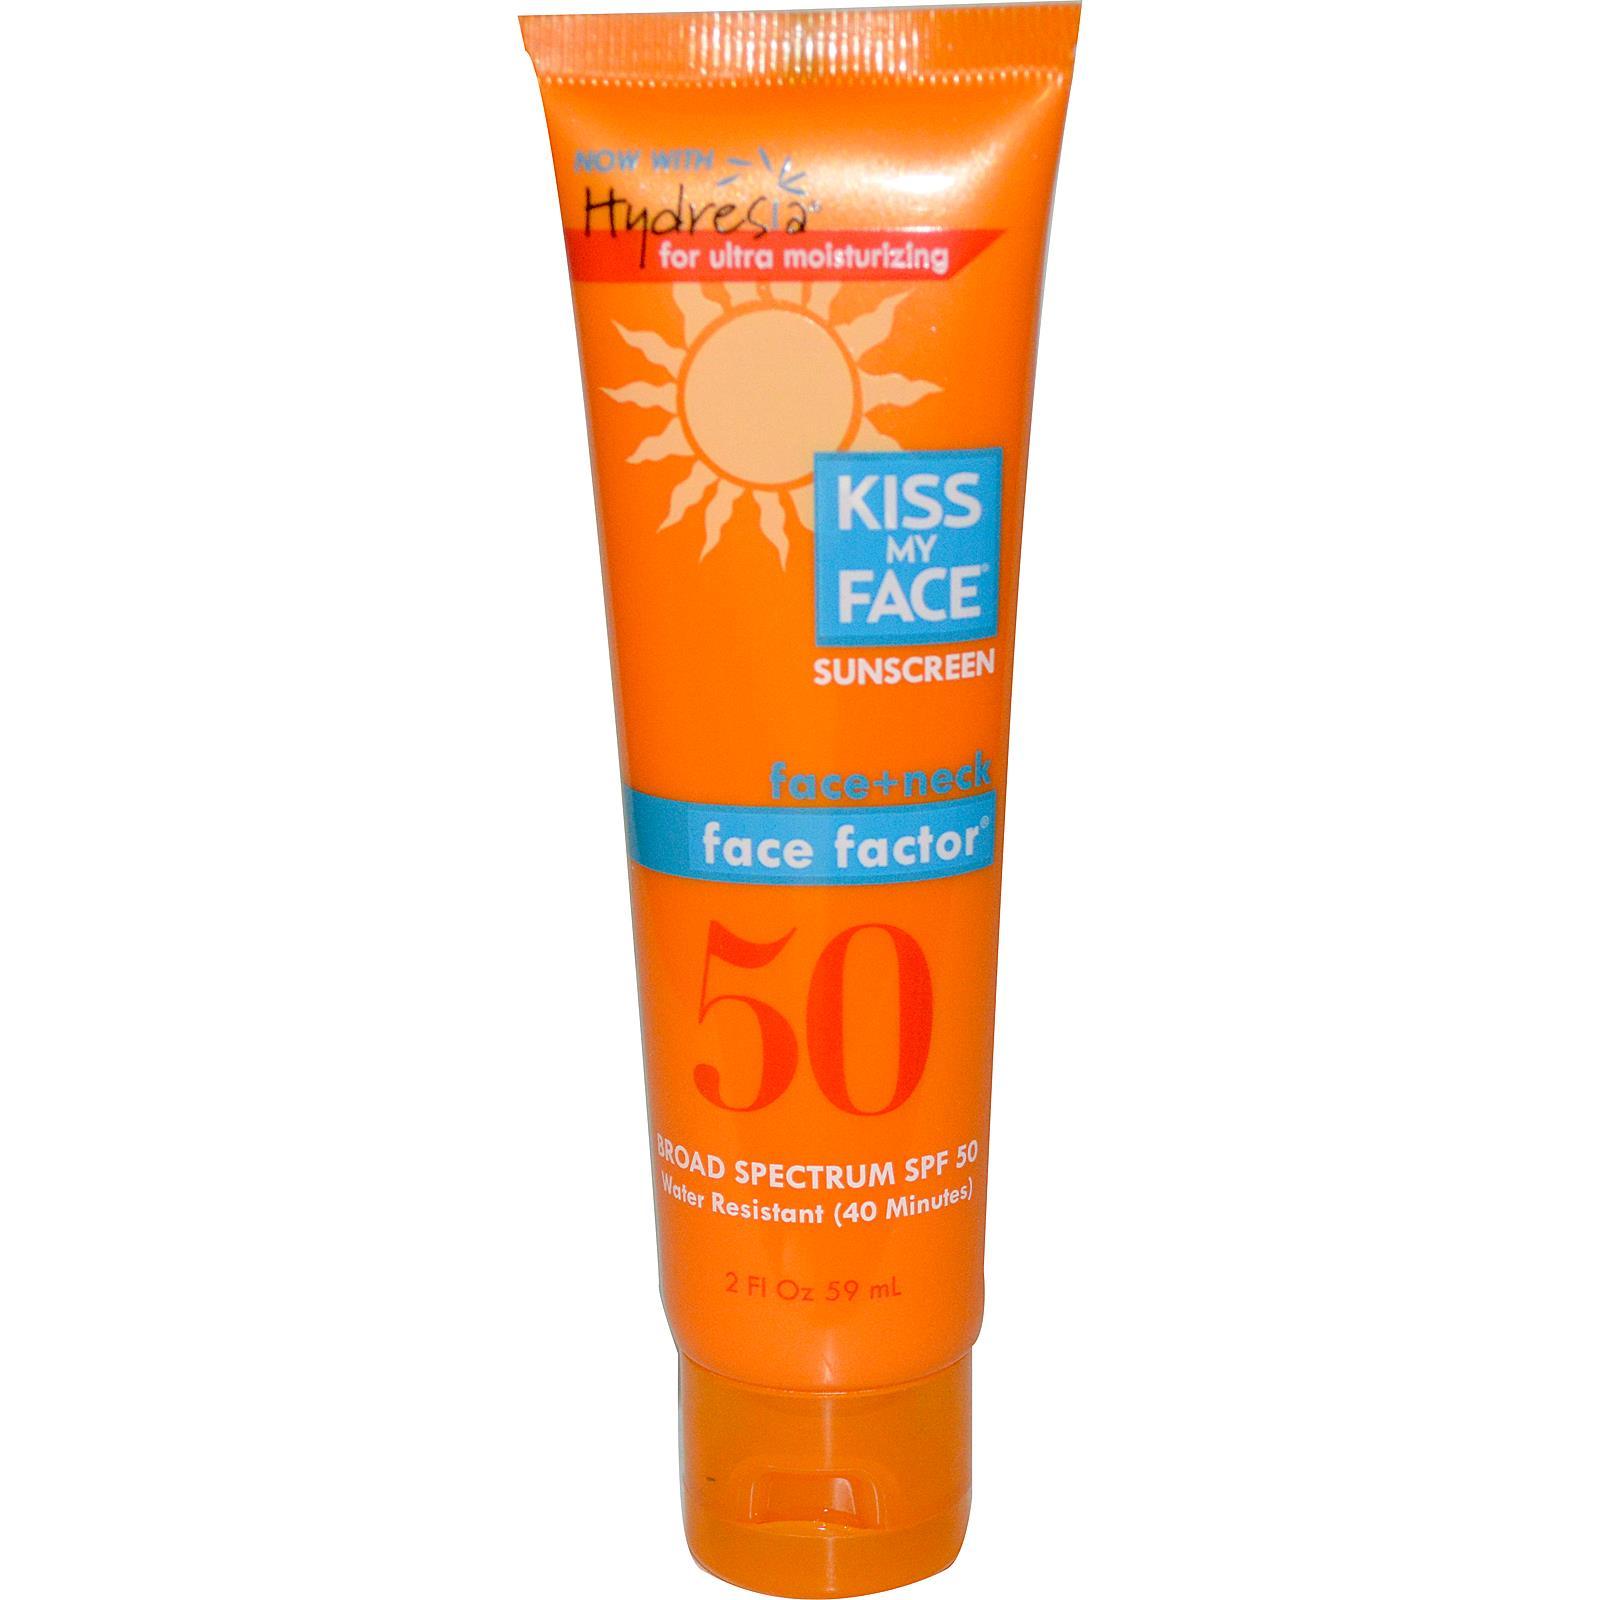 Kiss My Face® Face Factor SPF 50 for Face & Neck, Kem chống nắng cho vùng mặt và cổ, 59ml